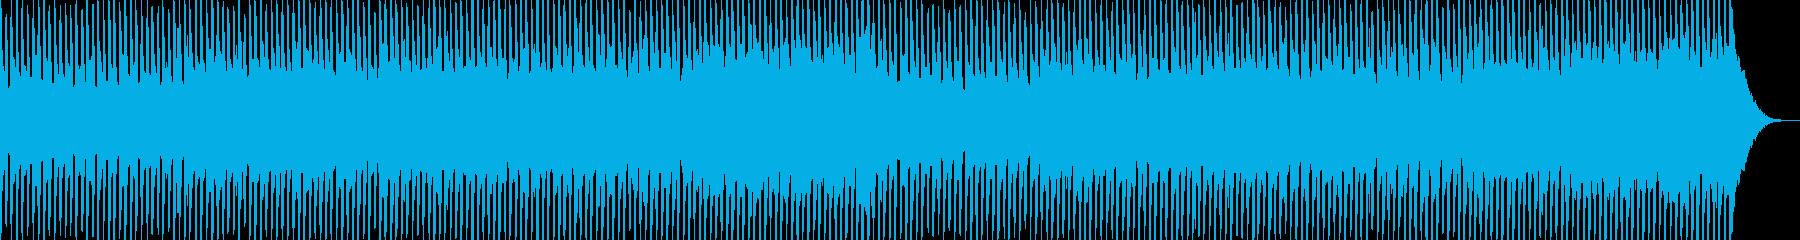 企業VP系17、爽やかギター4つ打ち2aの再生済みの波形